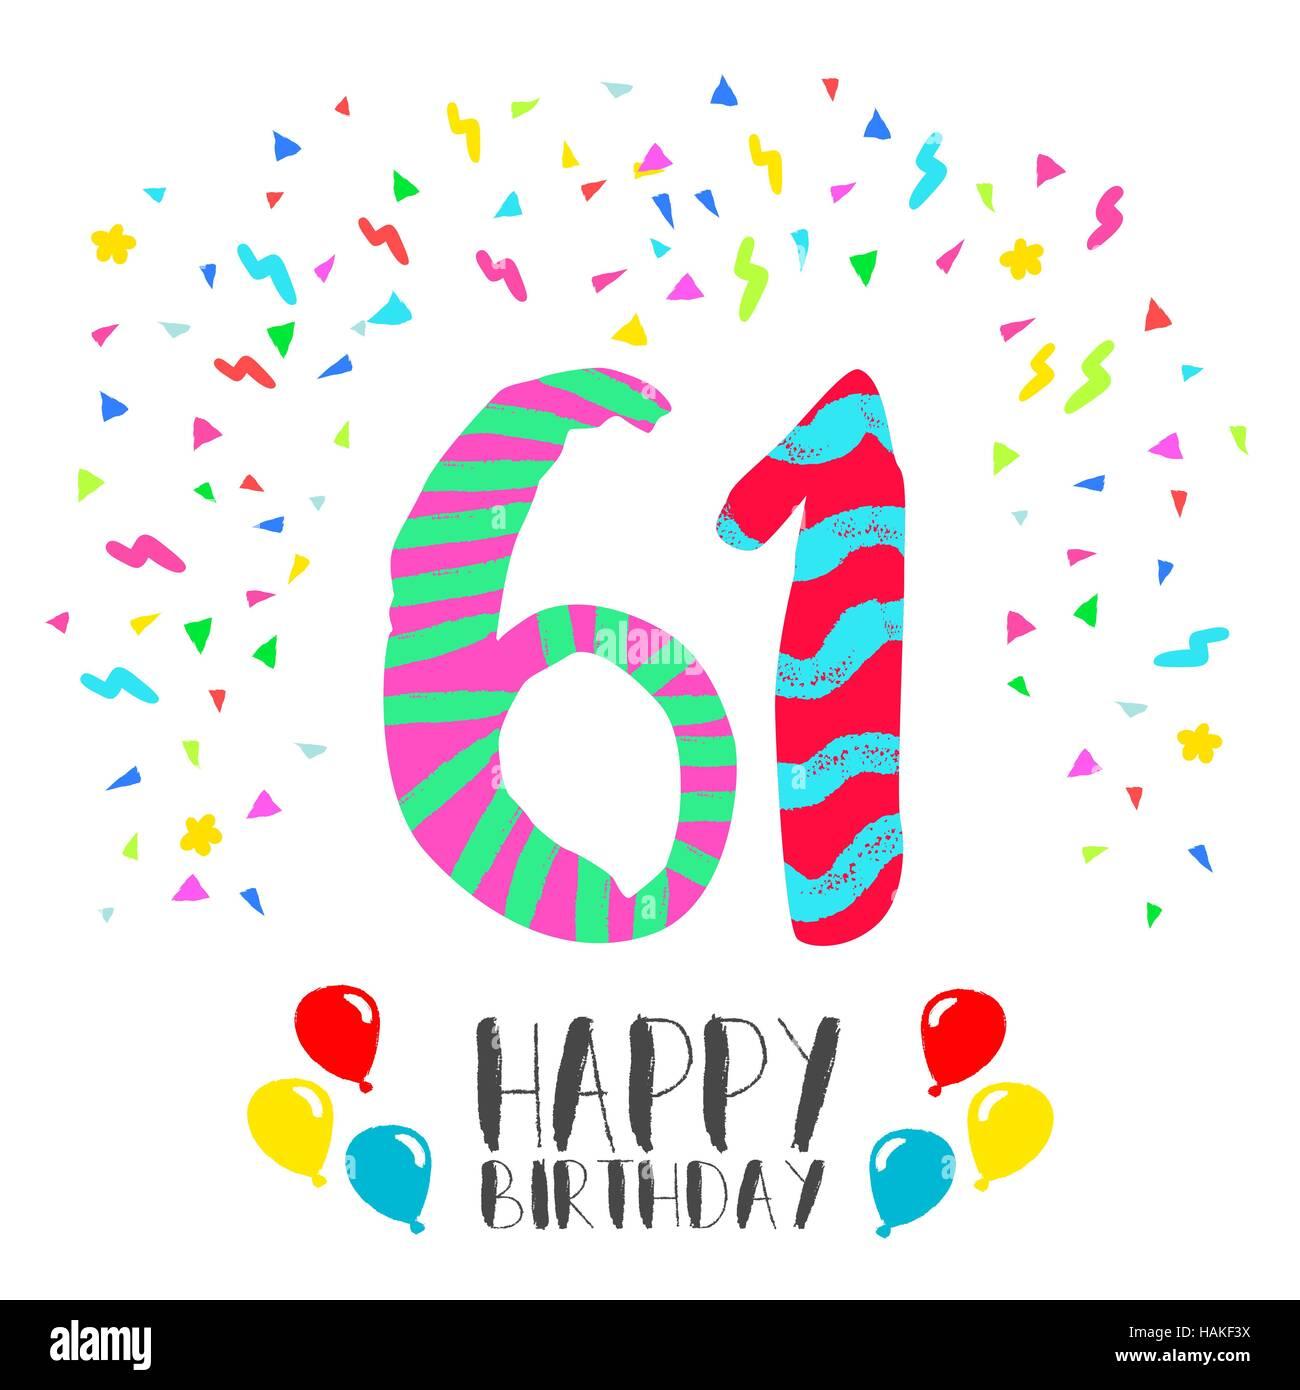 Поздравления с днем рождения в 61 год женщине